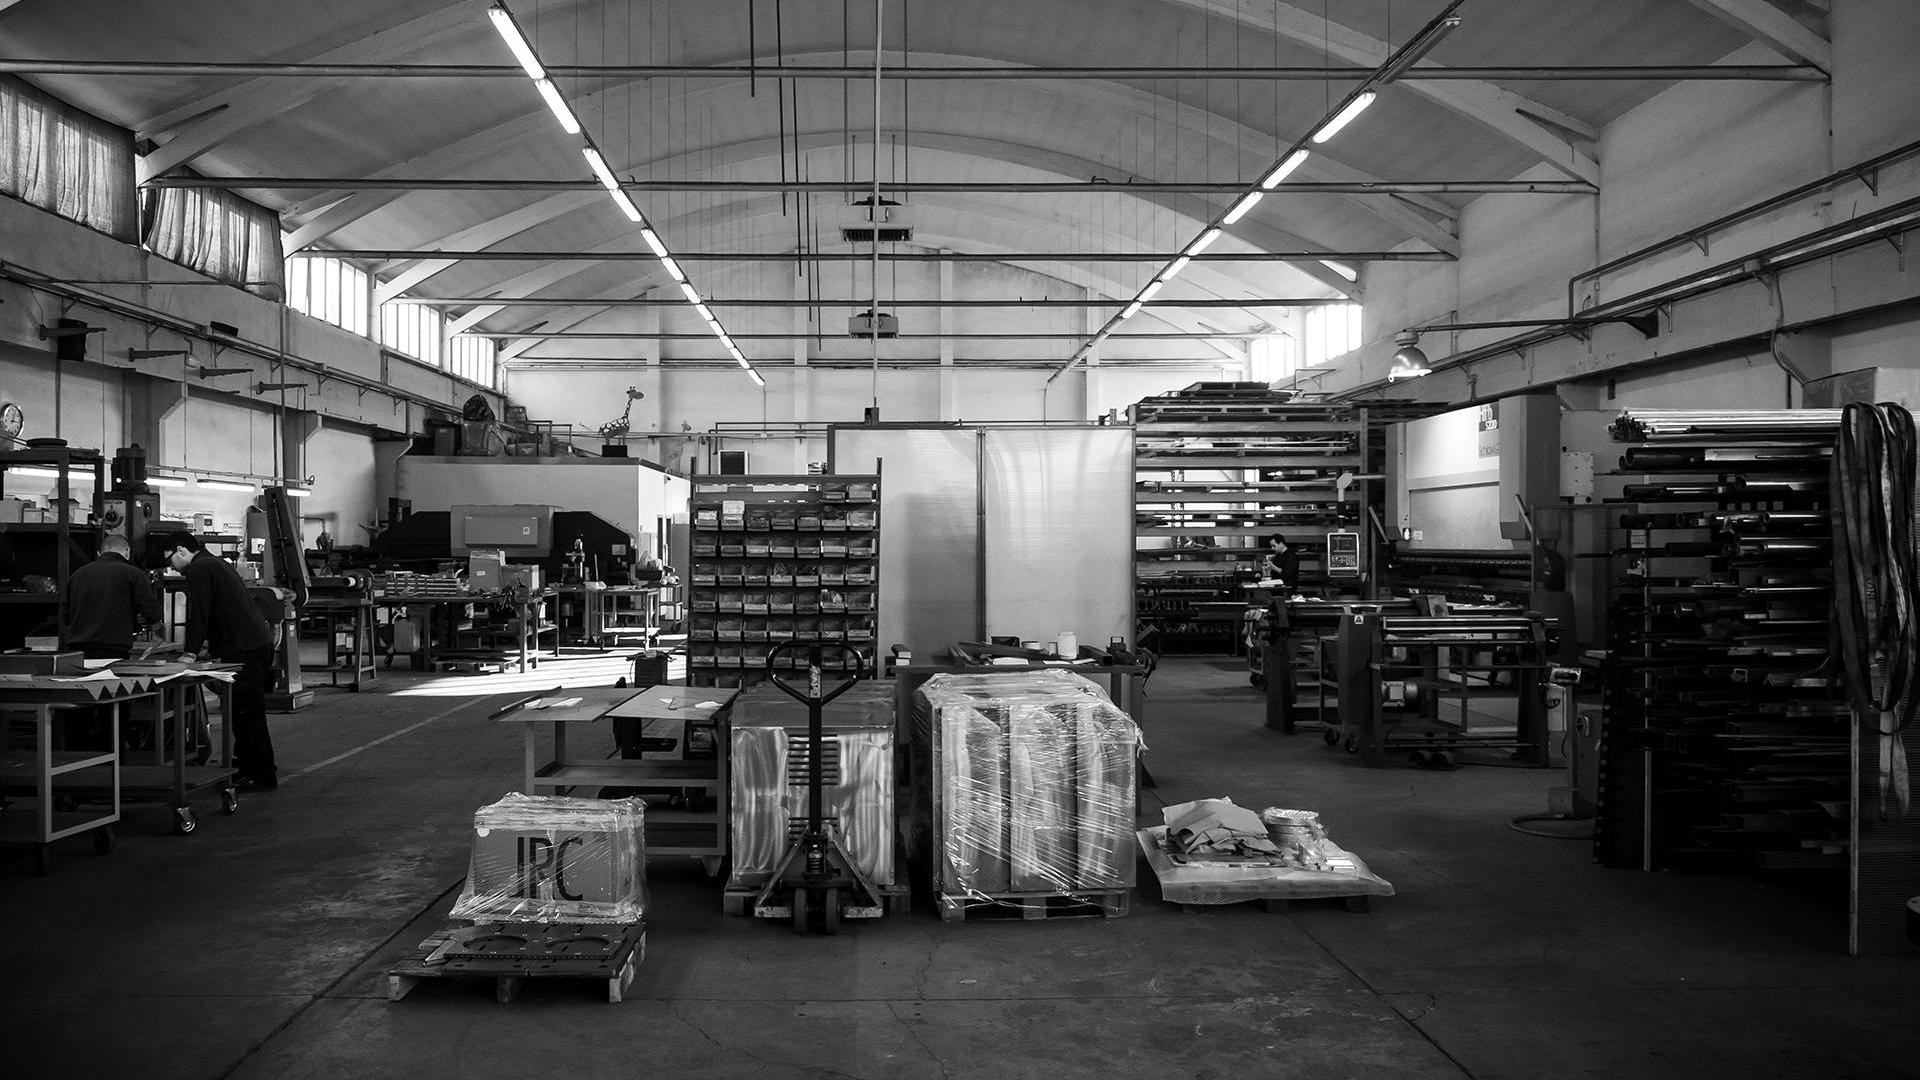 slider 7 Elleci - Lavorazione Tecnica Lamiera